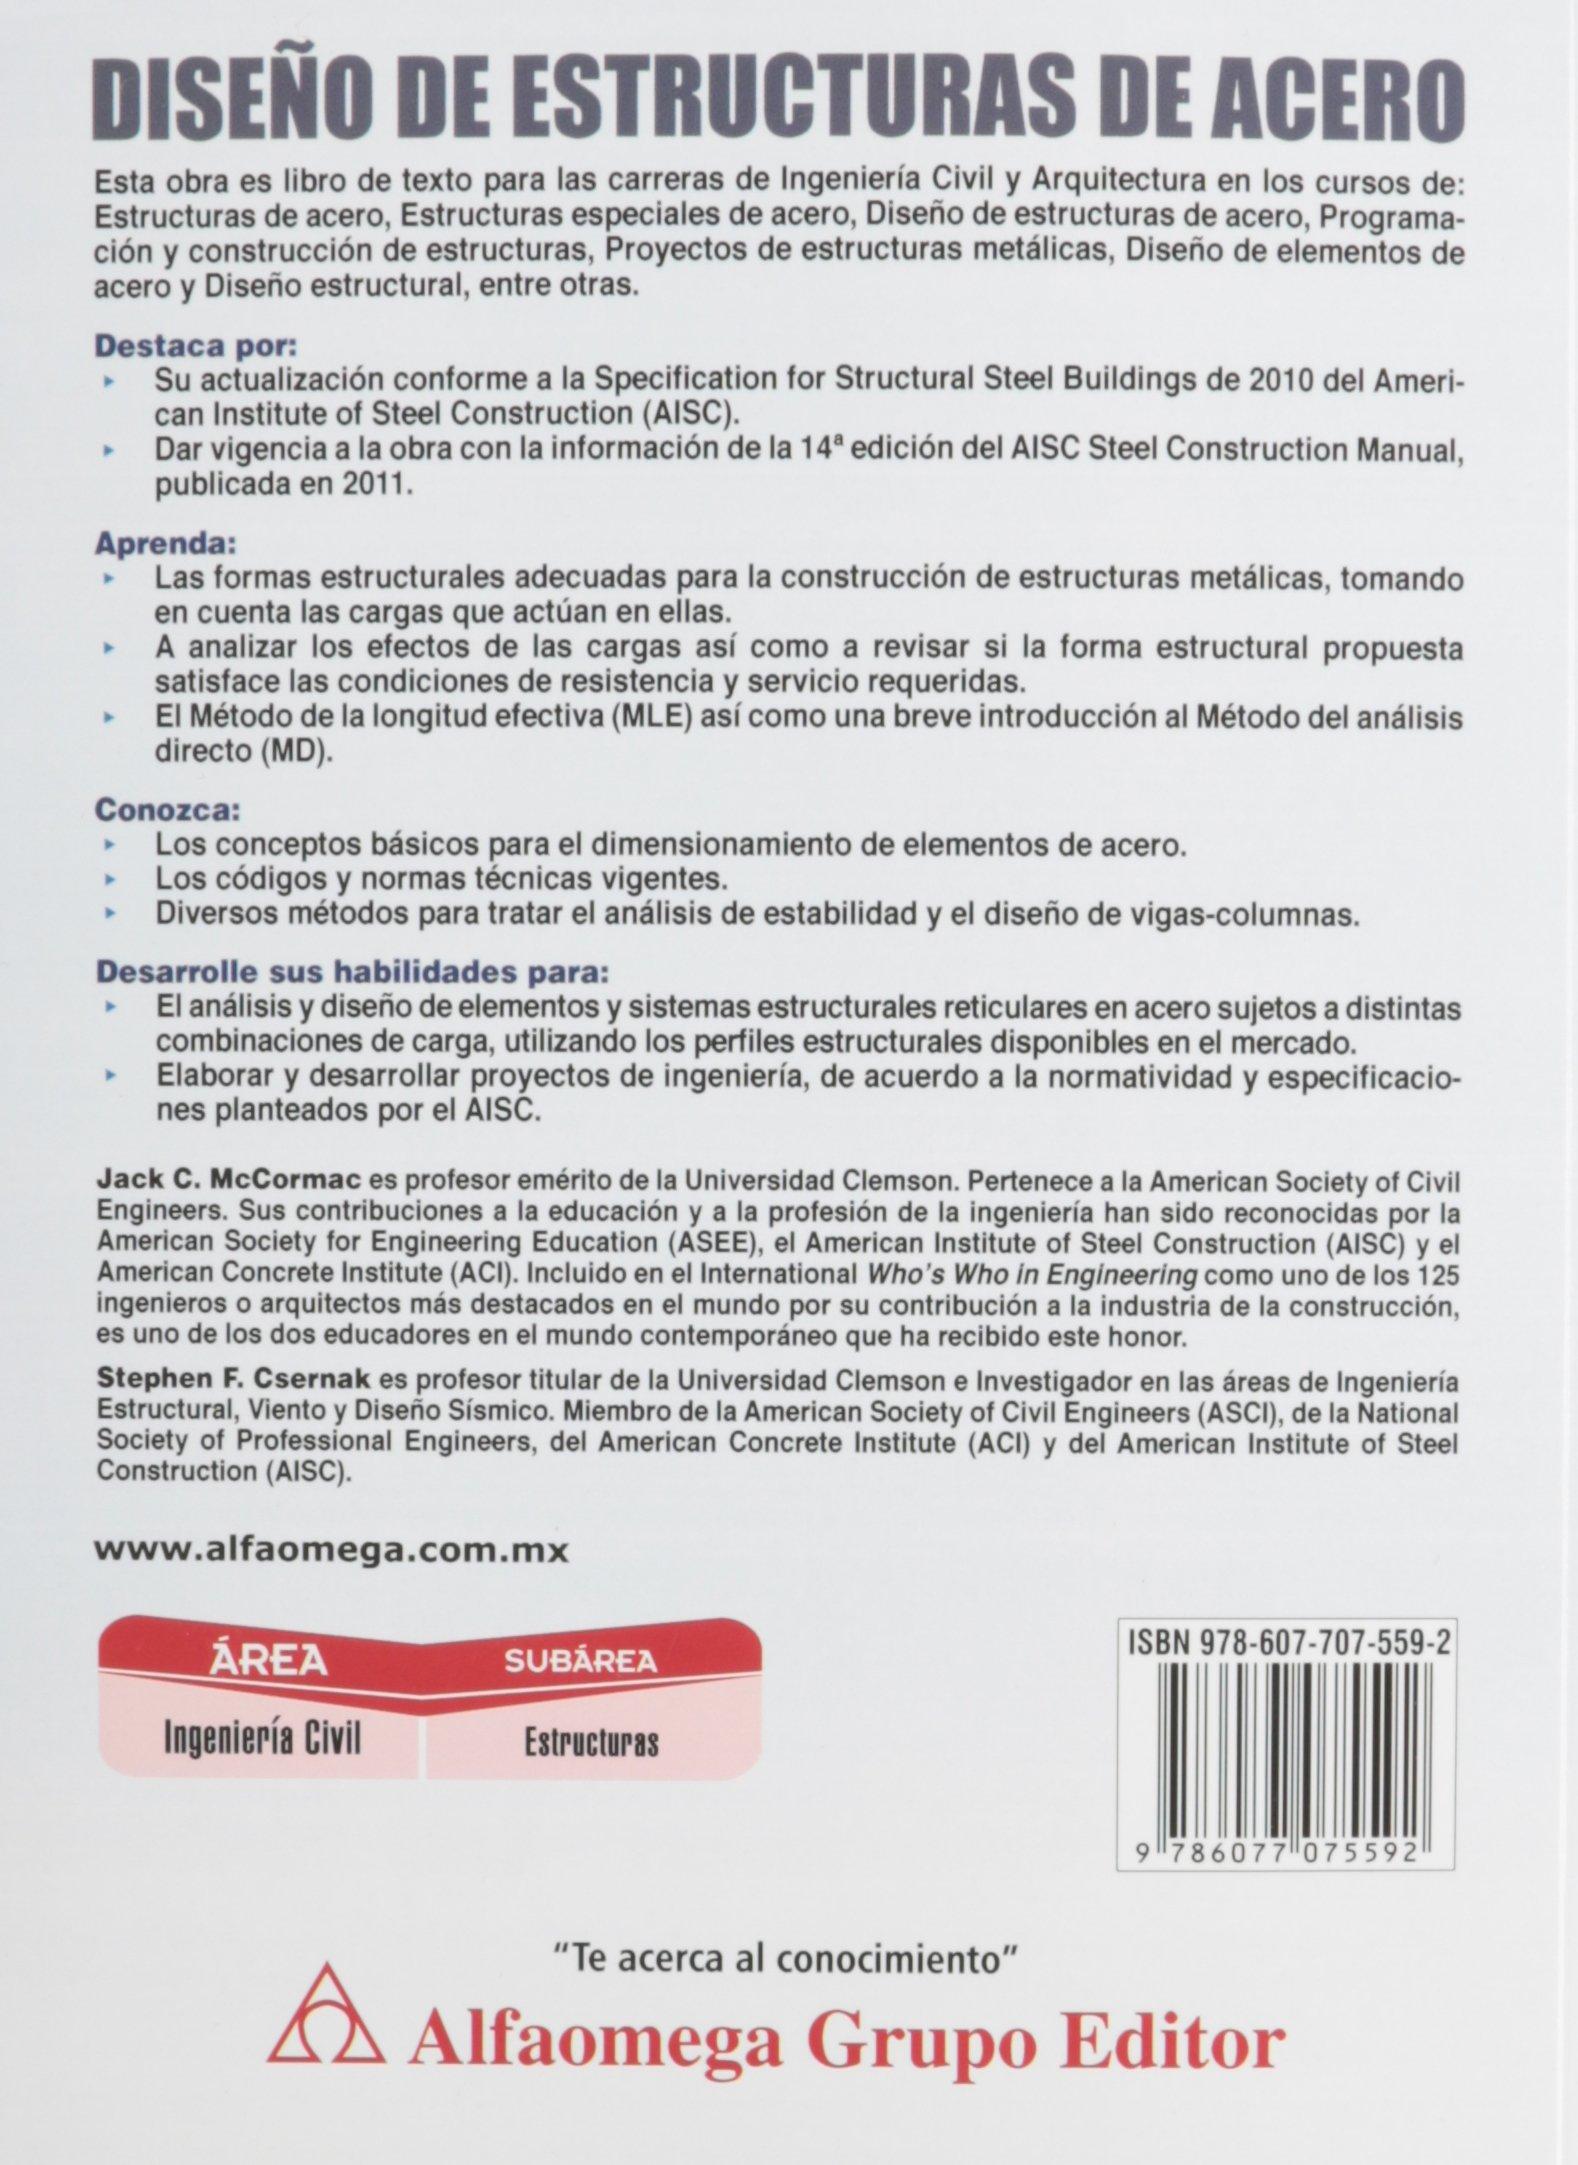 Diseño De Estructuras De Acero - 5ª ed. (Spanish Edition): McCORMAC, Jack, Alfaomega Grupo Editor, ...